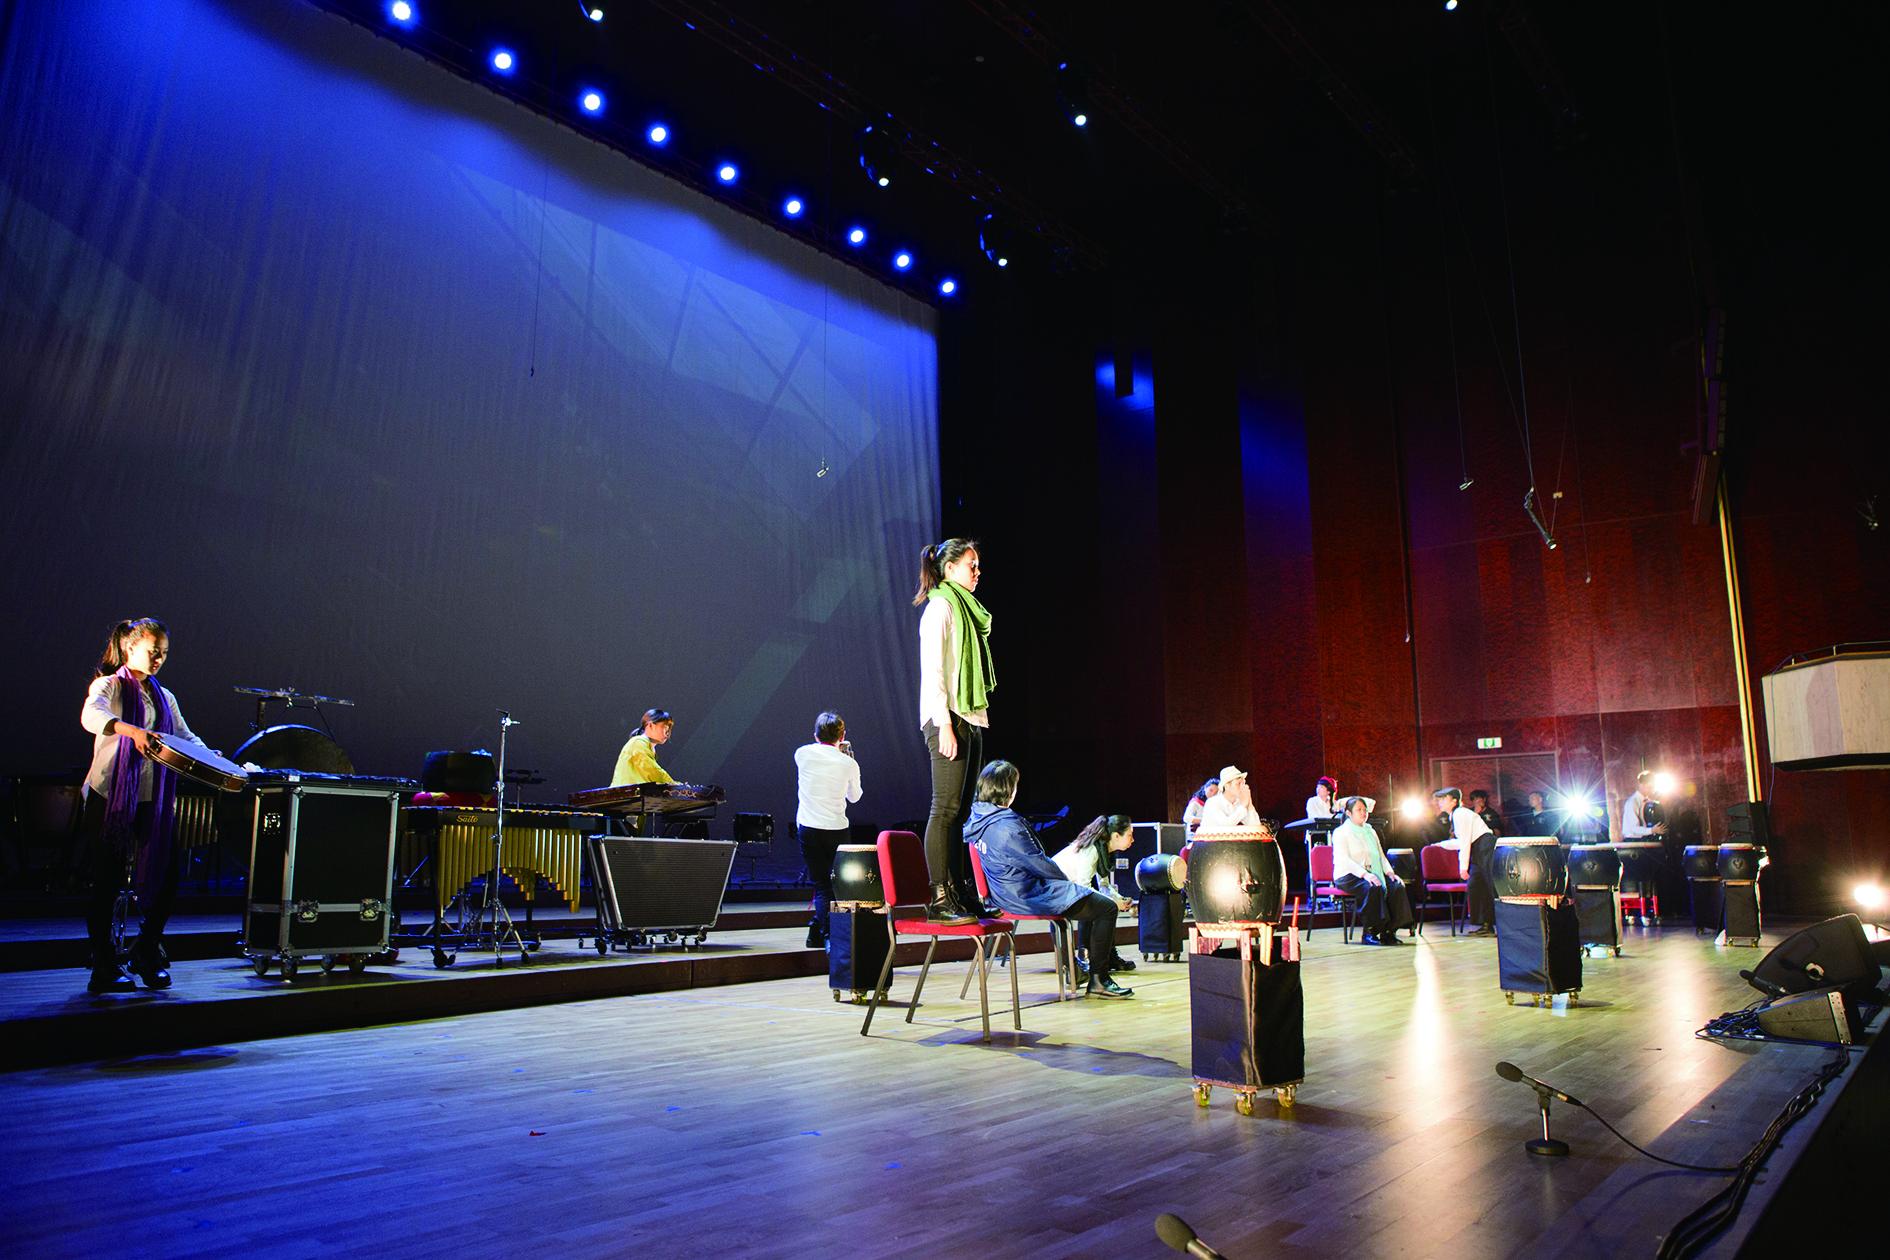 中國文化大學國樂組融入更多跨界與肢體劇場的概念於表演人才培育,這些課程在大陸的比較少見。.jpg